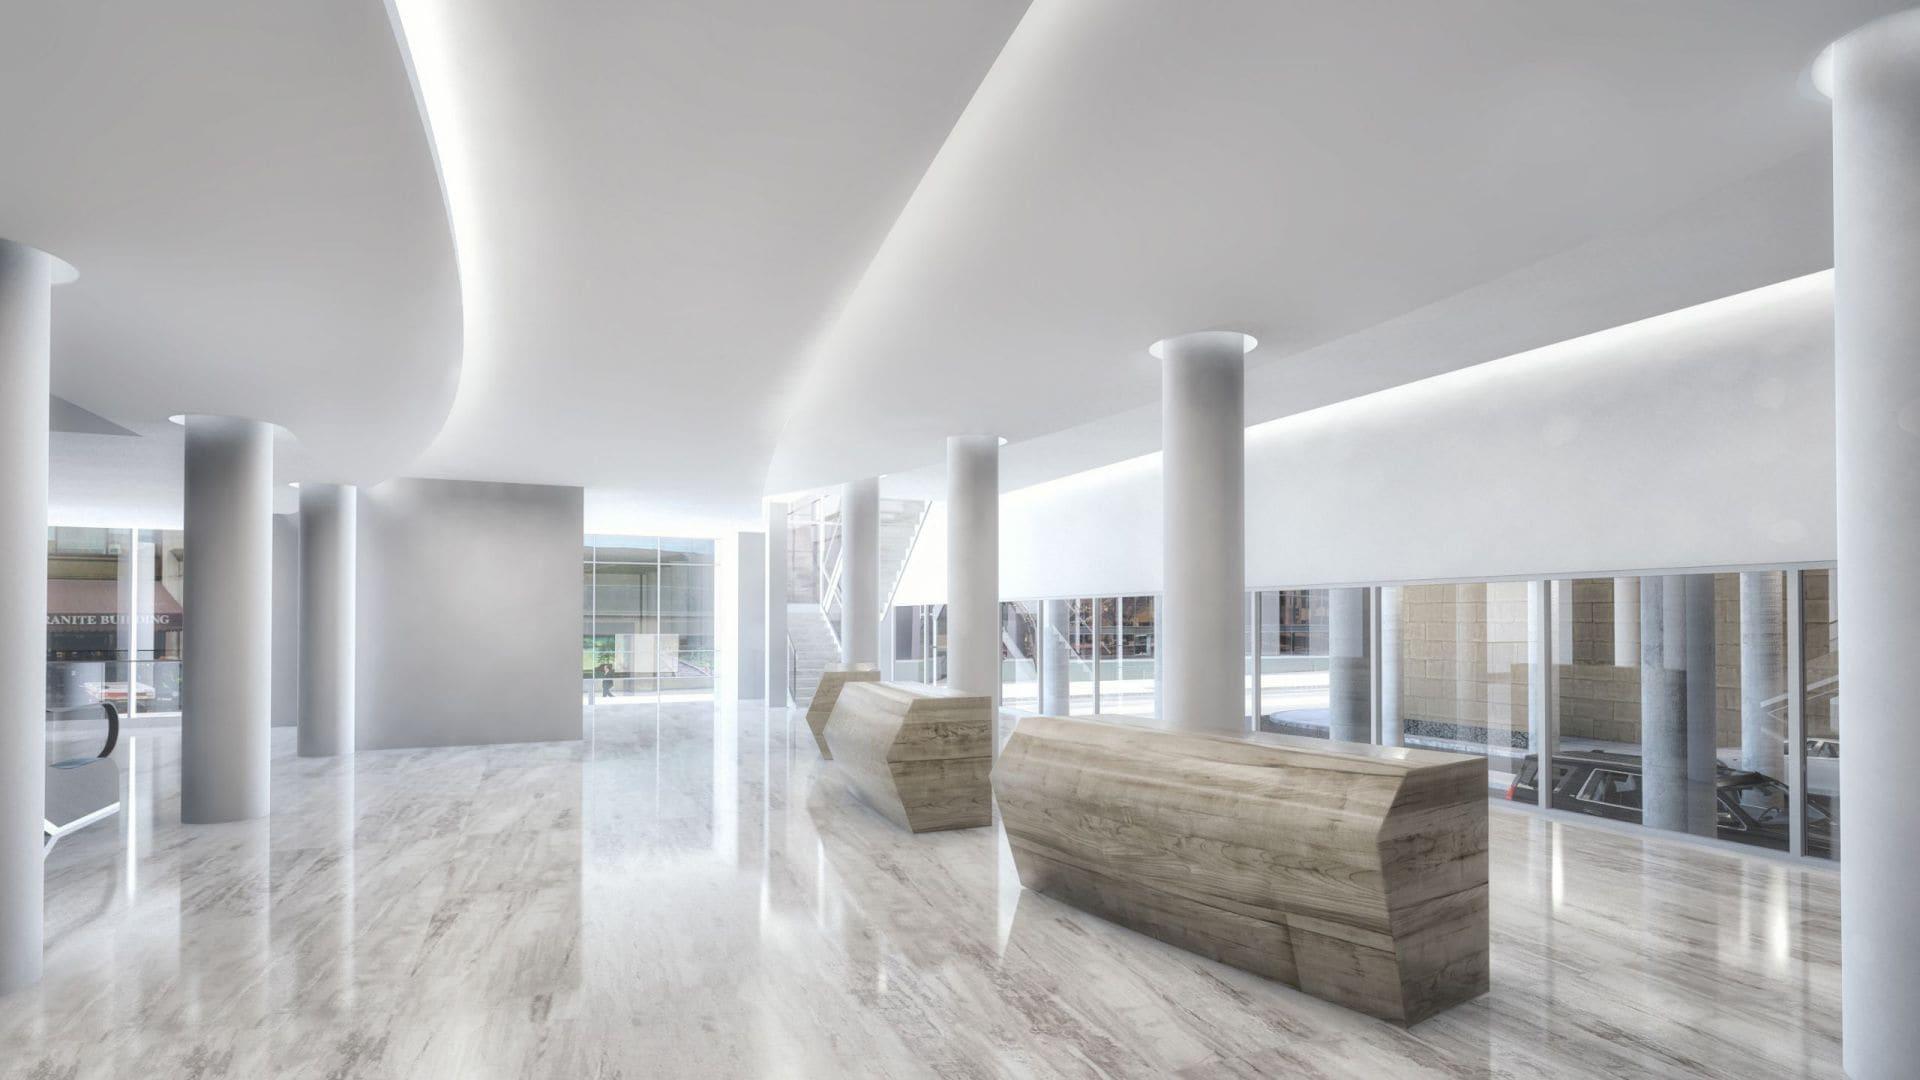 Rendering of the Hyatt Regency Rochester hotel lobby